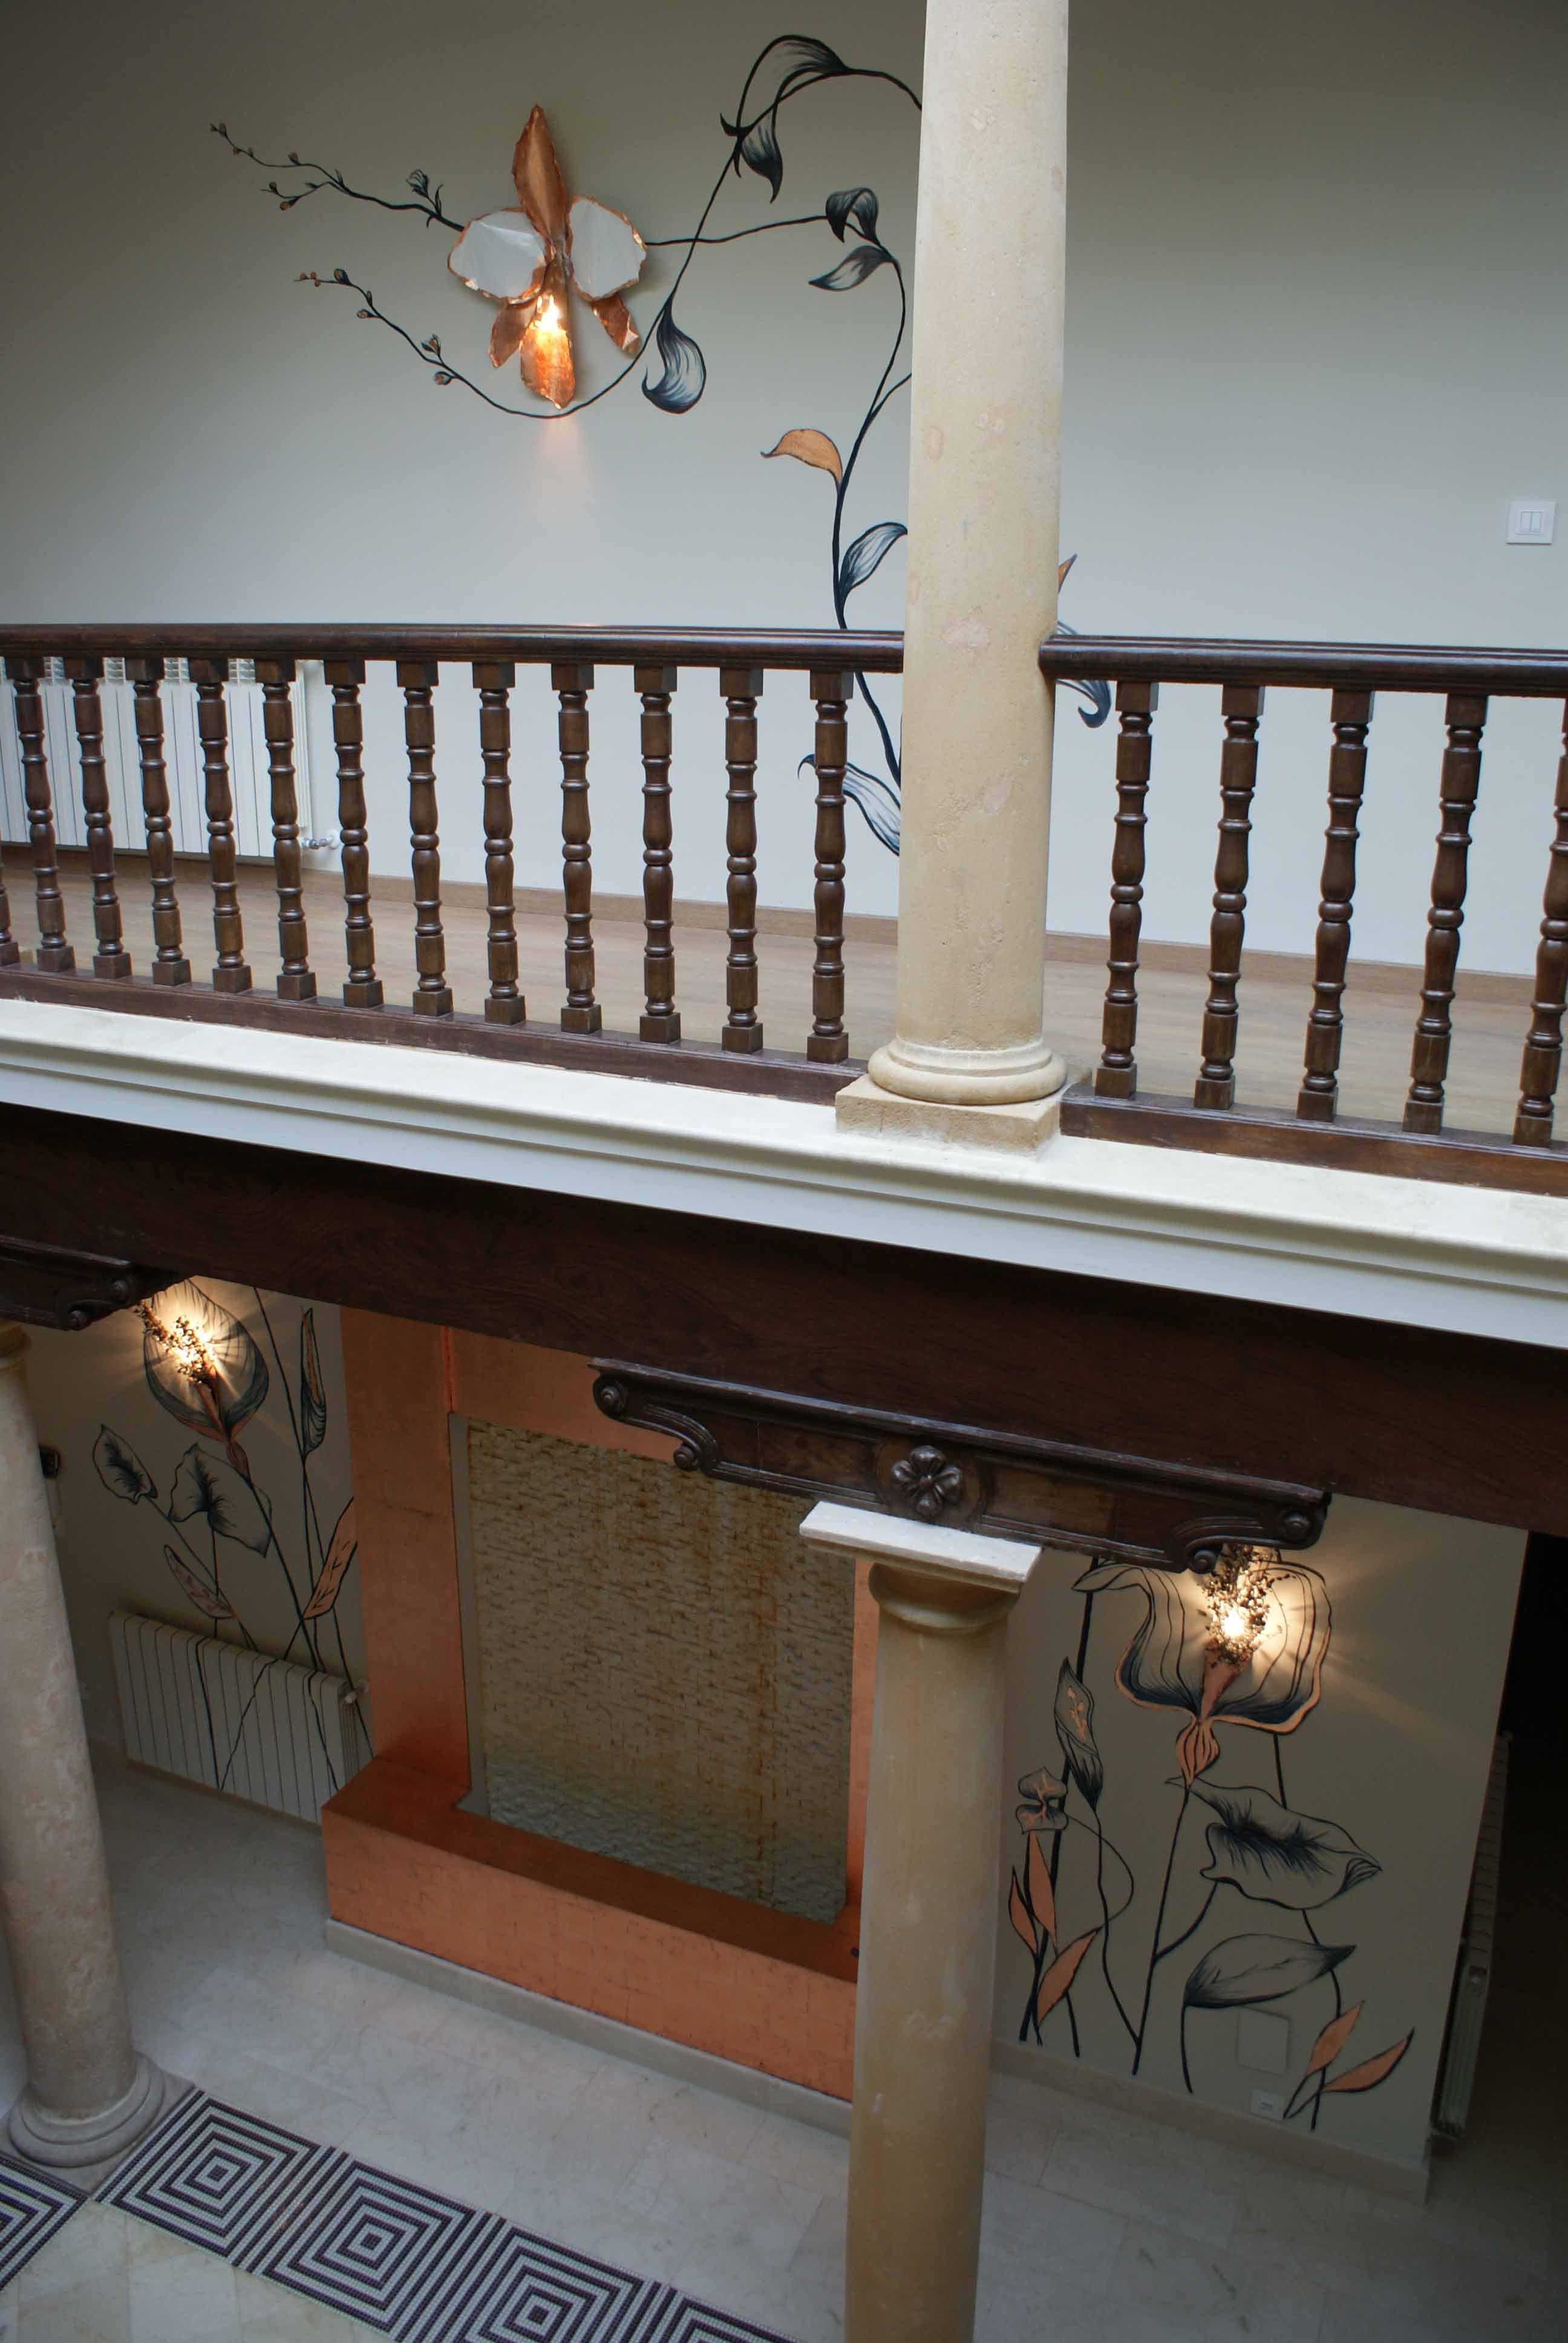 Pintura decorativa incorporando apliques realizada en casa particular